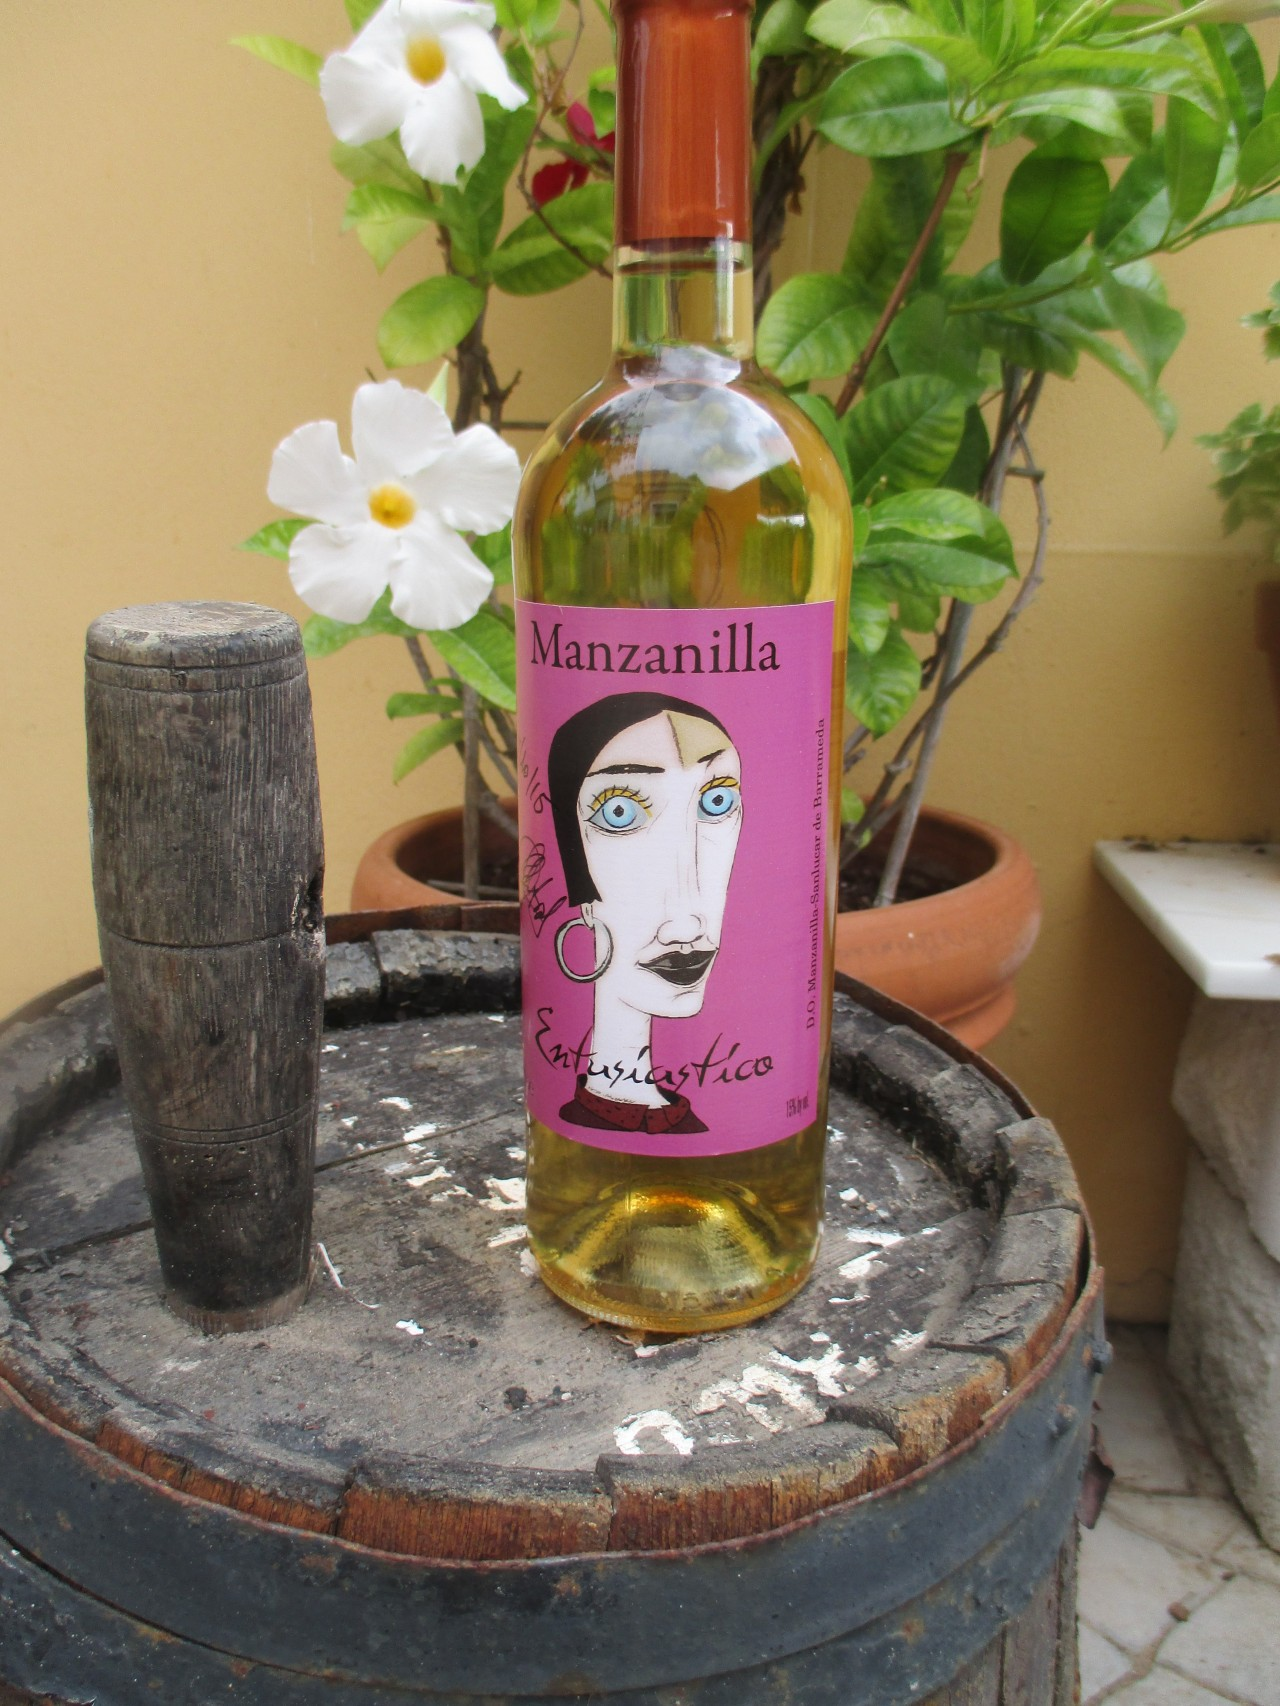 ENTUSIÁSTICA, la primera Manzanilla ecológica.  ENTUSIÁTICA, the first organic ManzanillaSherry.